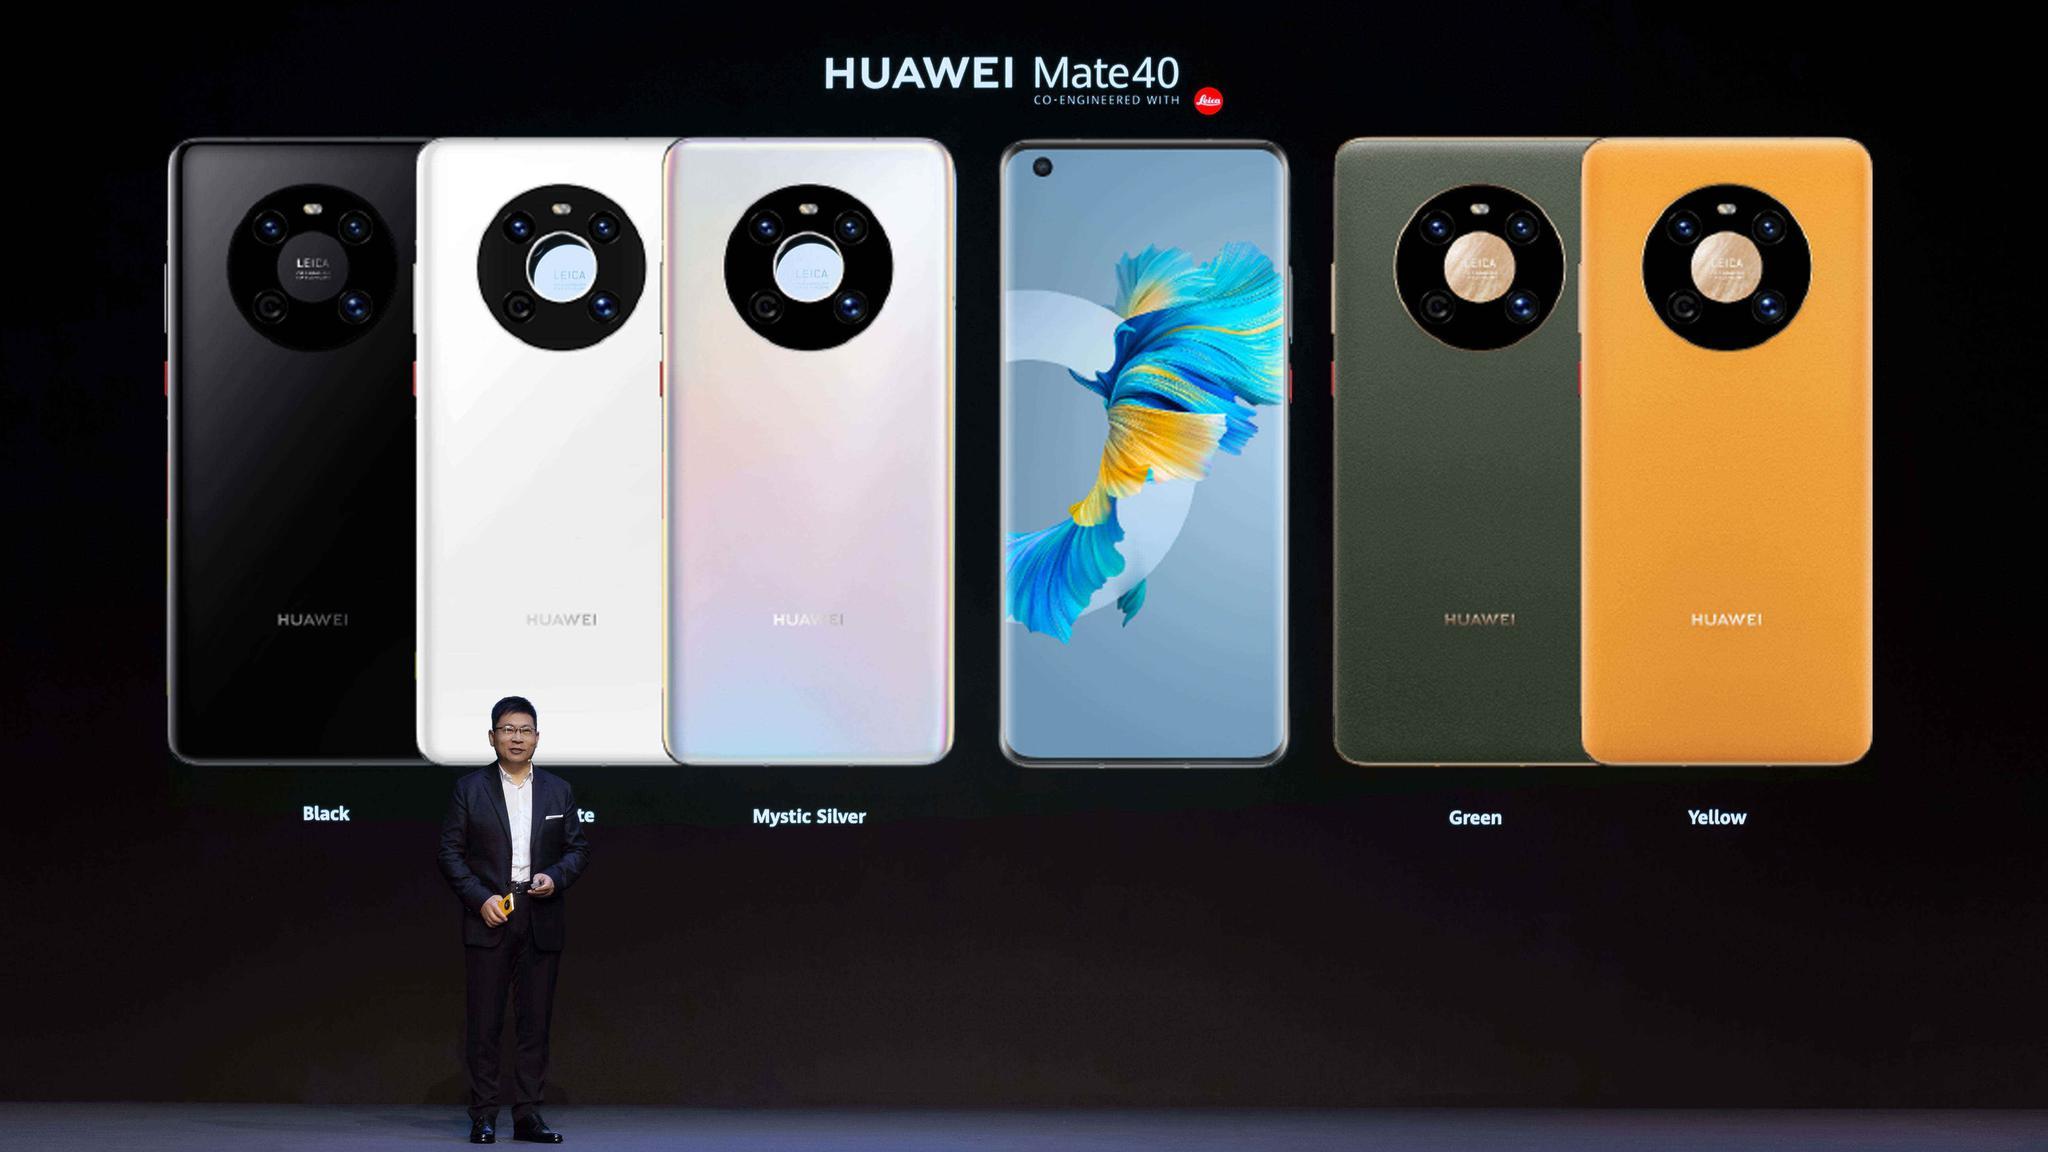 8点1氪 | 华为 Mate40 系列手机发布;拼多多百亿补贴-苹果专场消失;美团点评-W股份简称变更